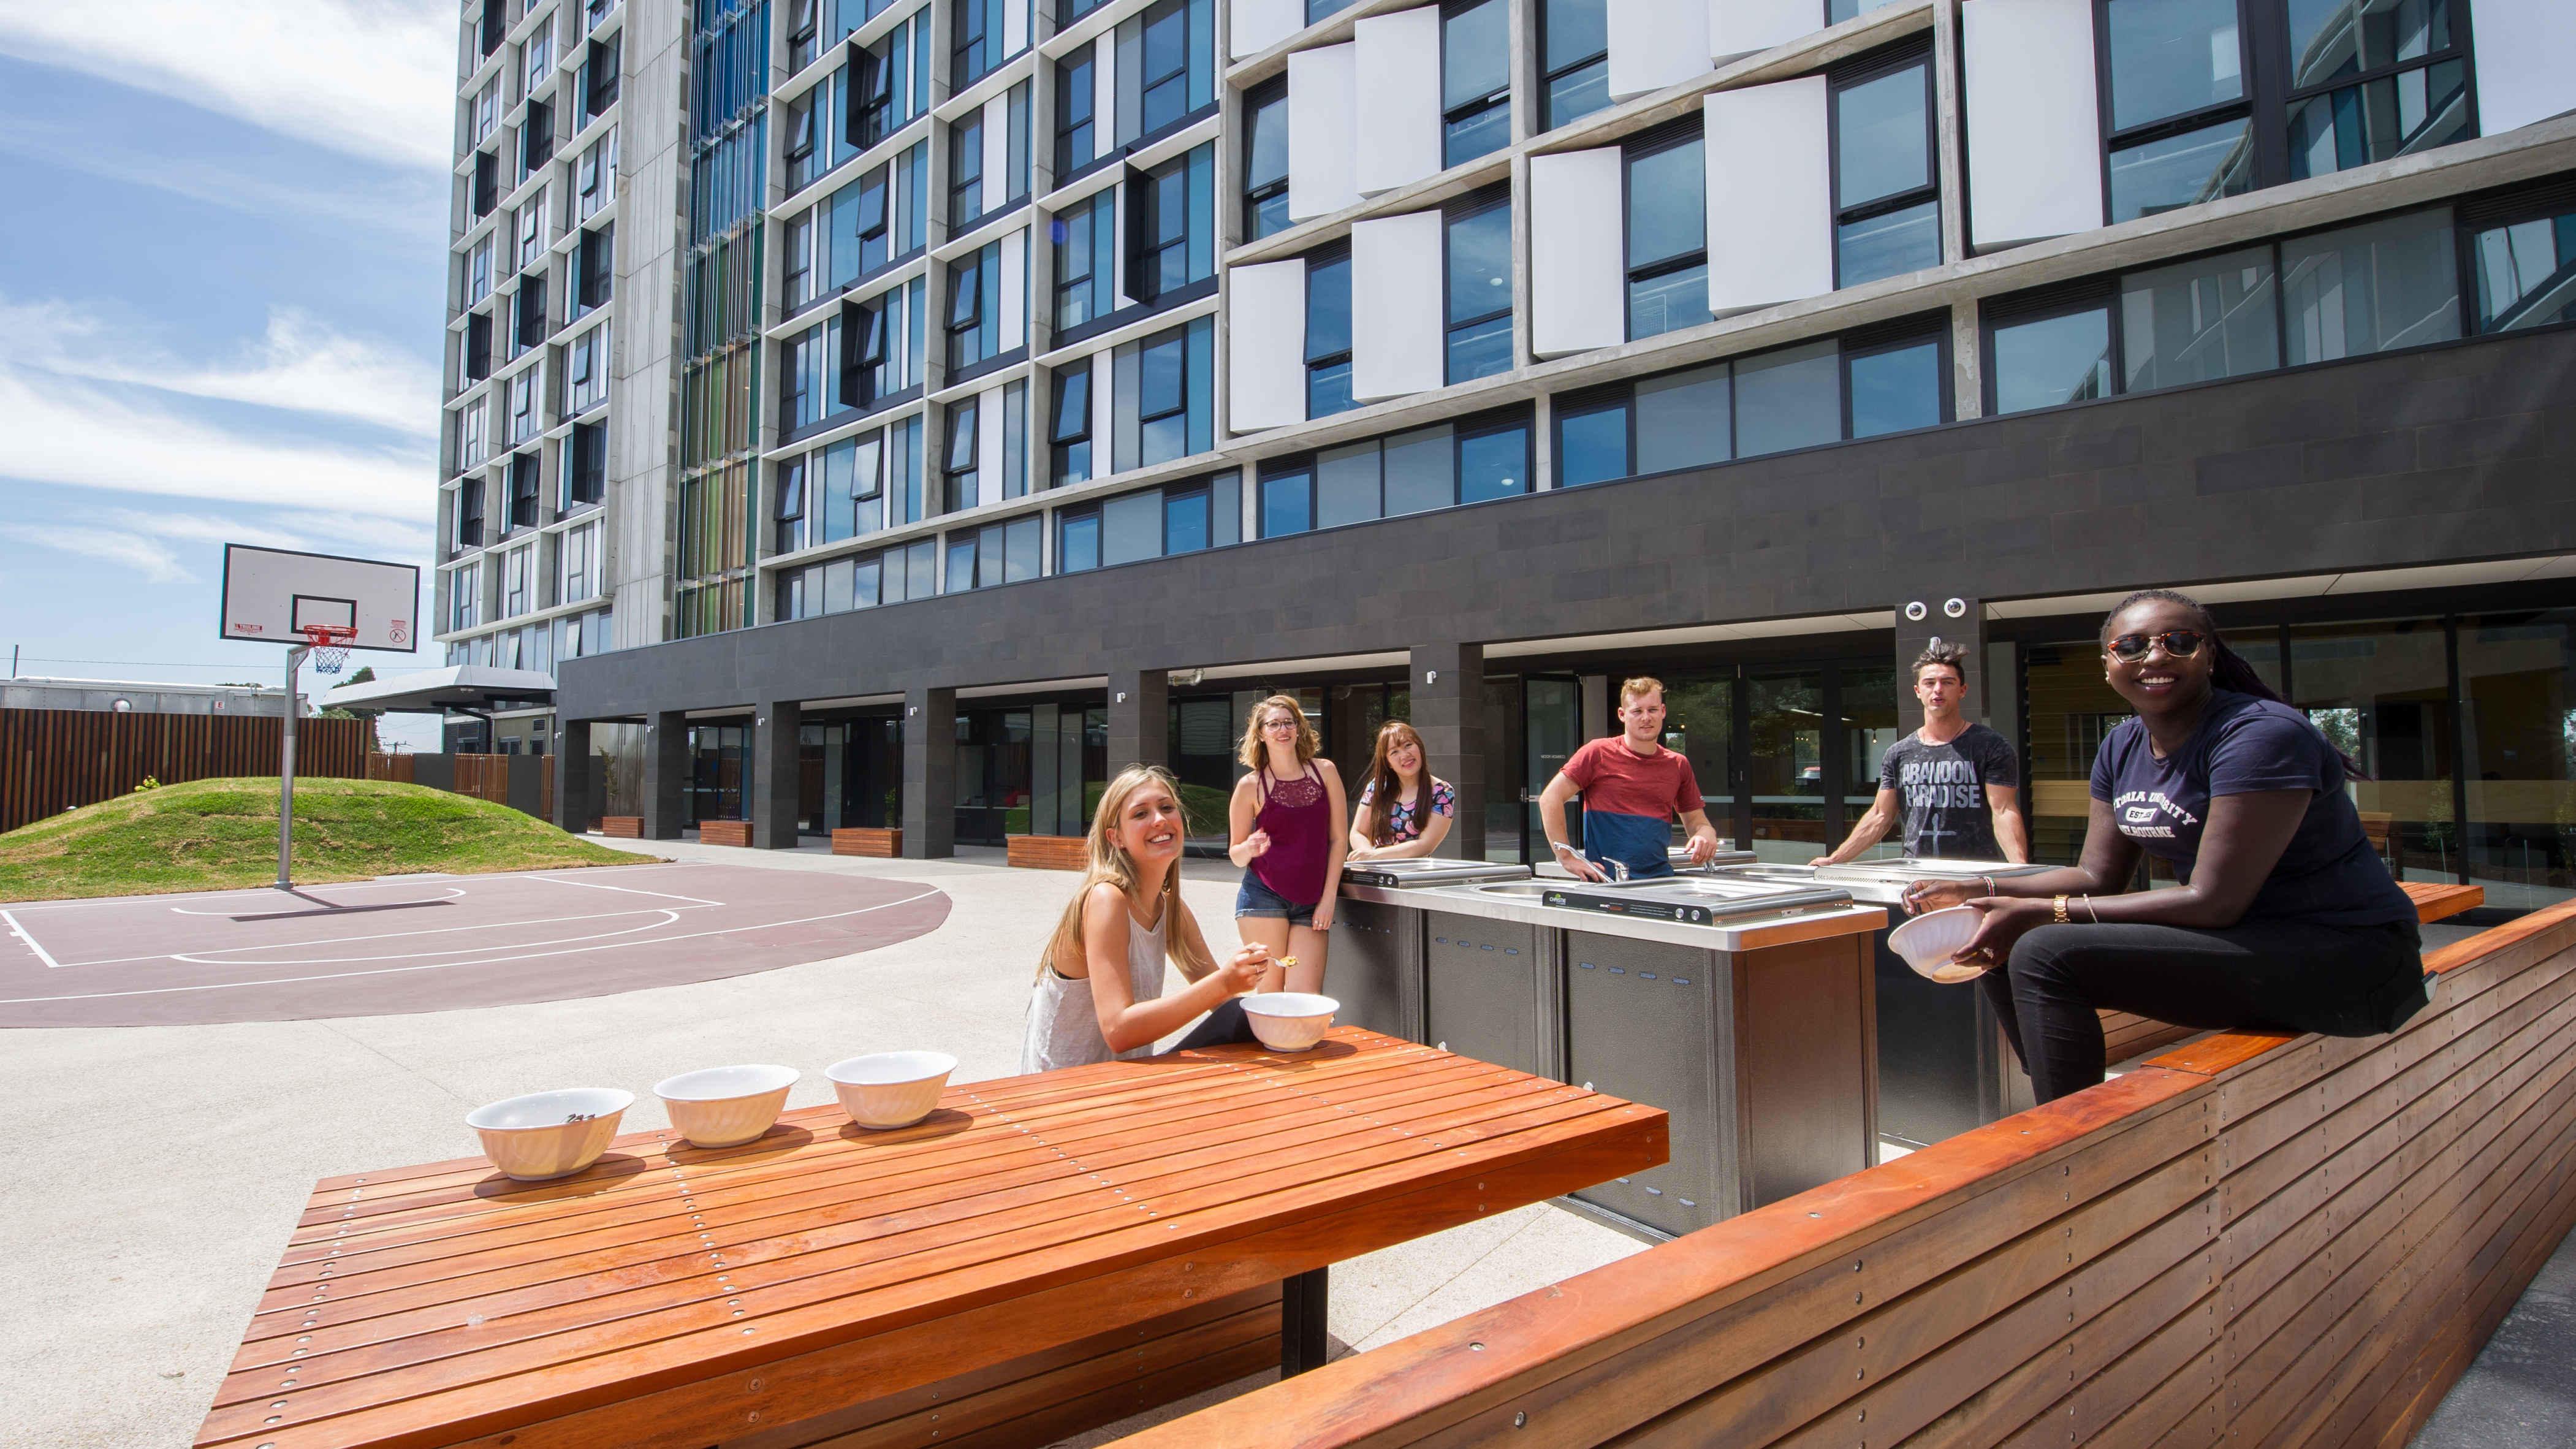 Ground Floor Outdoor Area